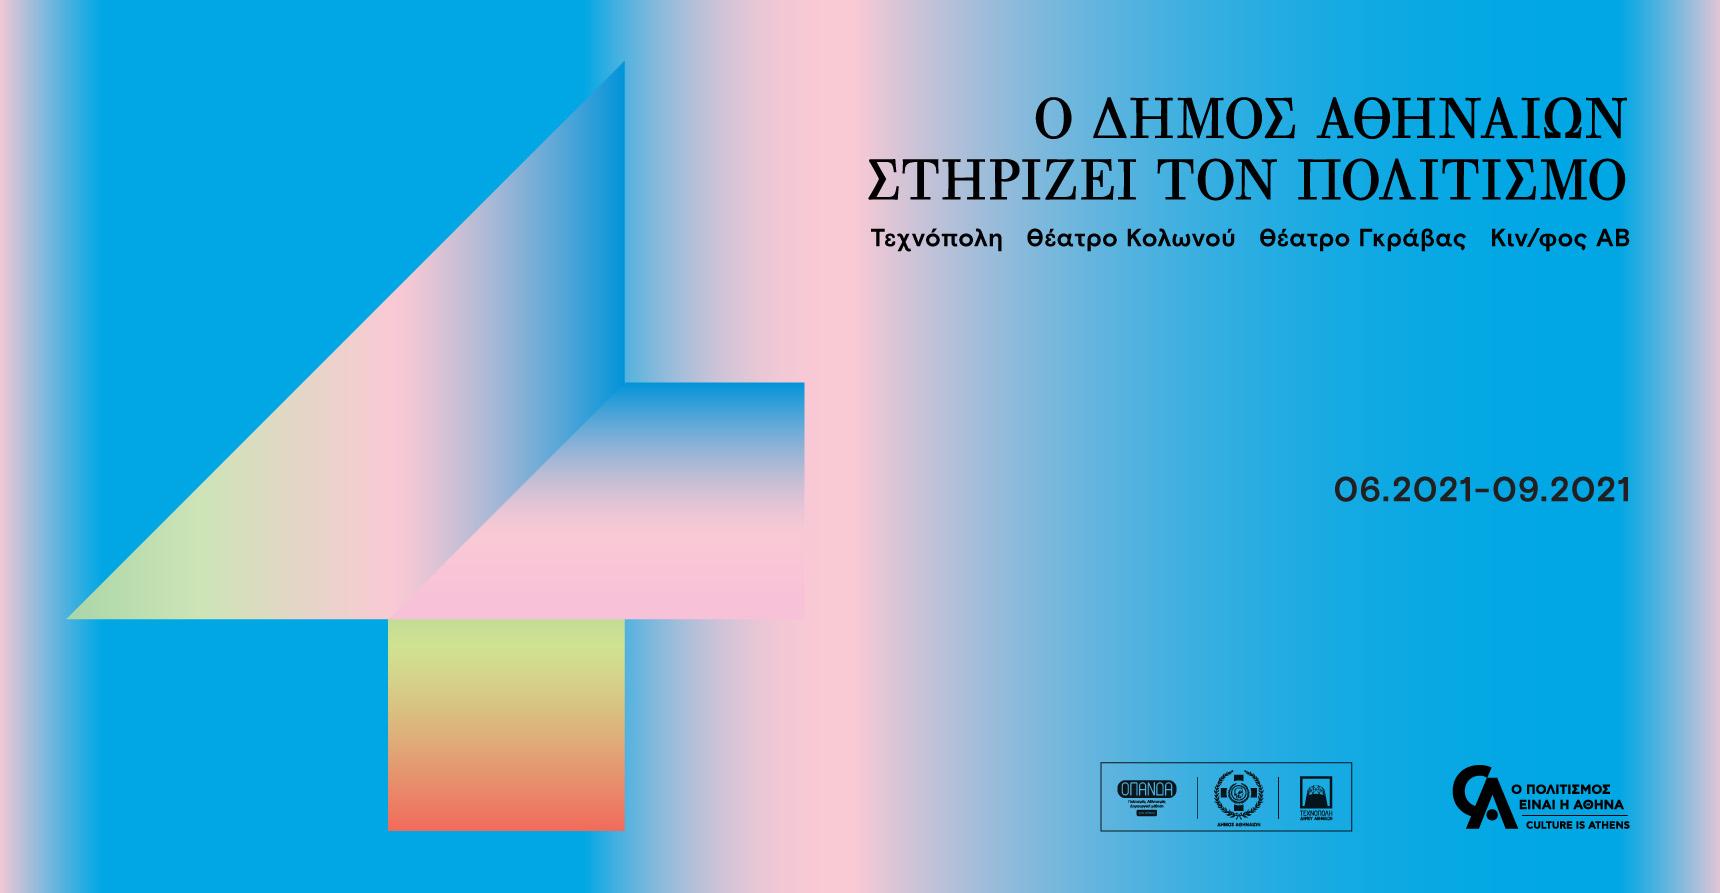 Ο Δήμος Αθηναίων στηρίζει τον Πολιτισμό – 4 χώροι και πάνω από 100 εκδηλώσεις